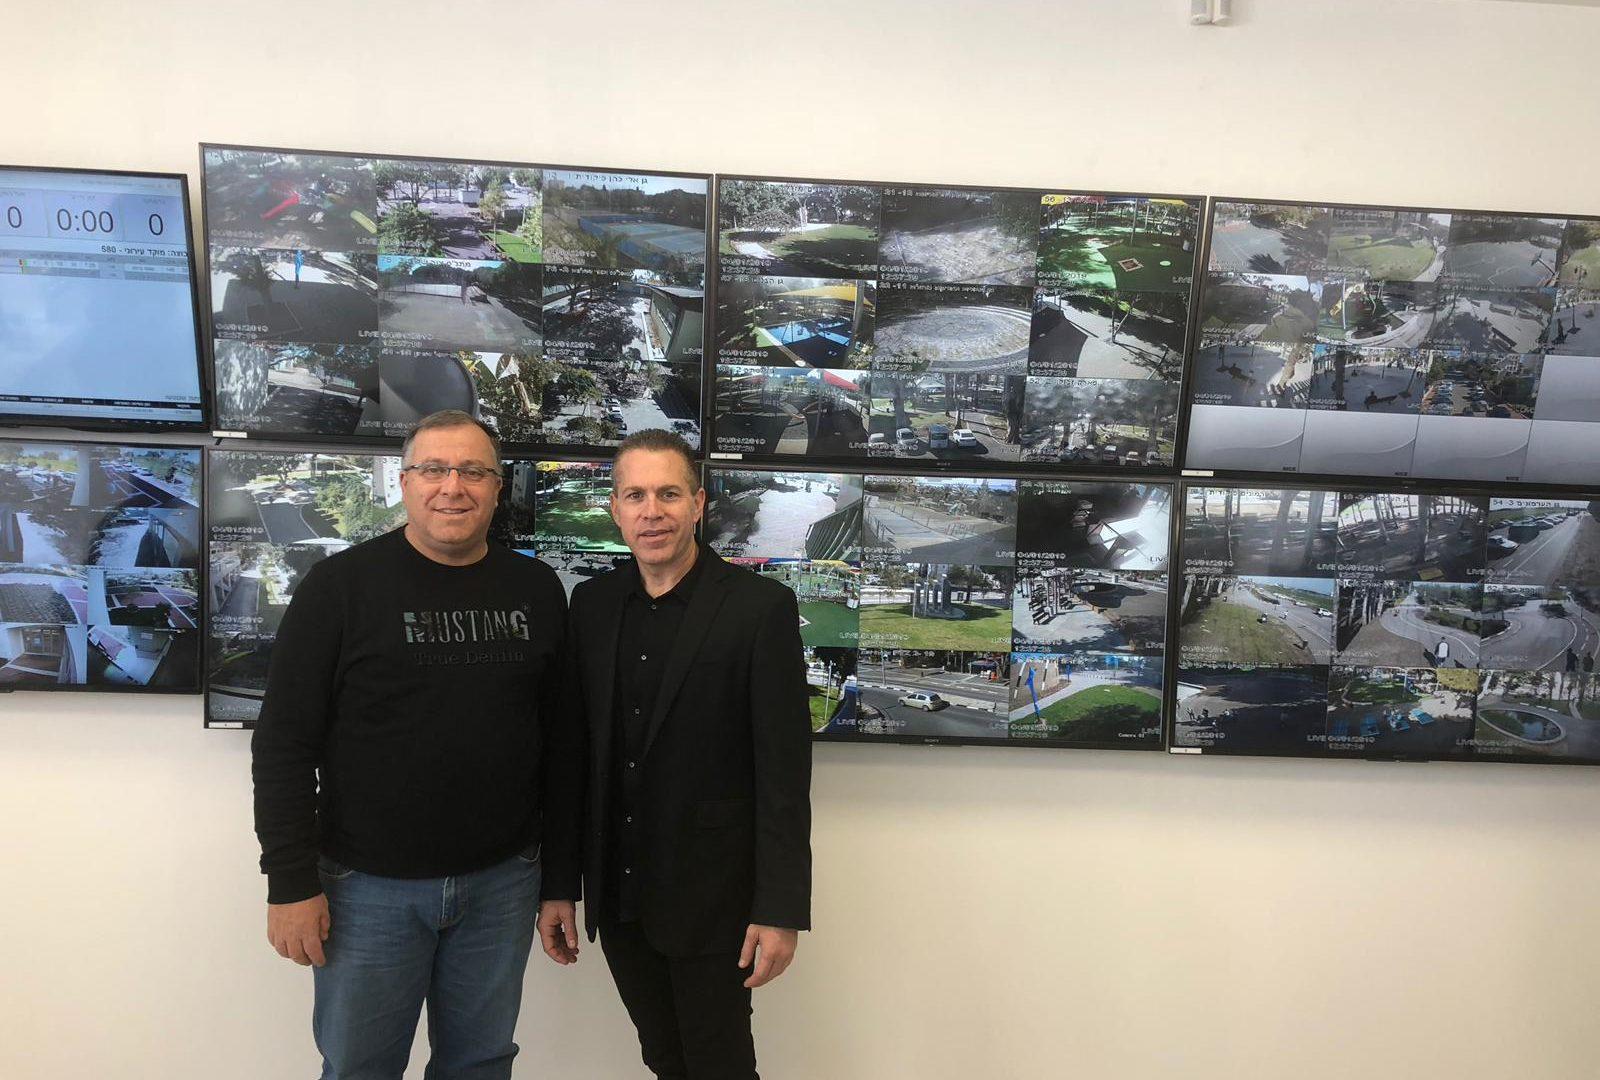 ראש העיר אלי דוקורסקי והשר לביטחון פנים, גלעד ארדן במוקד העירוני החדשני